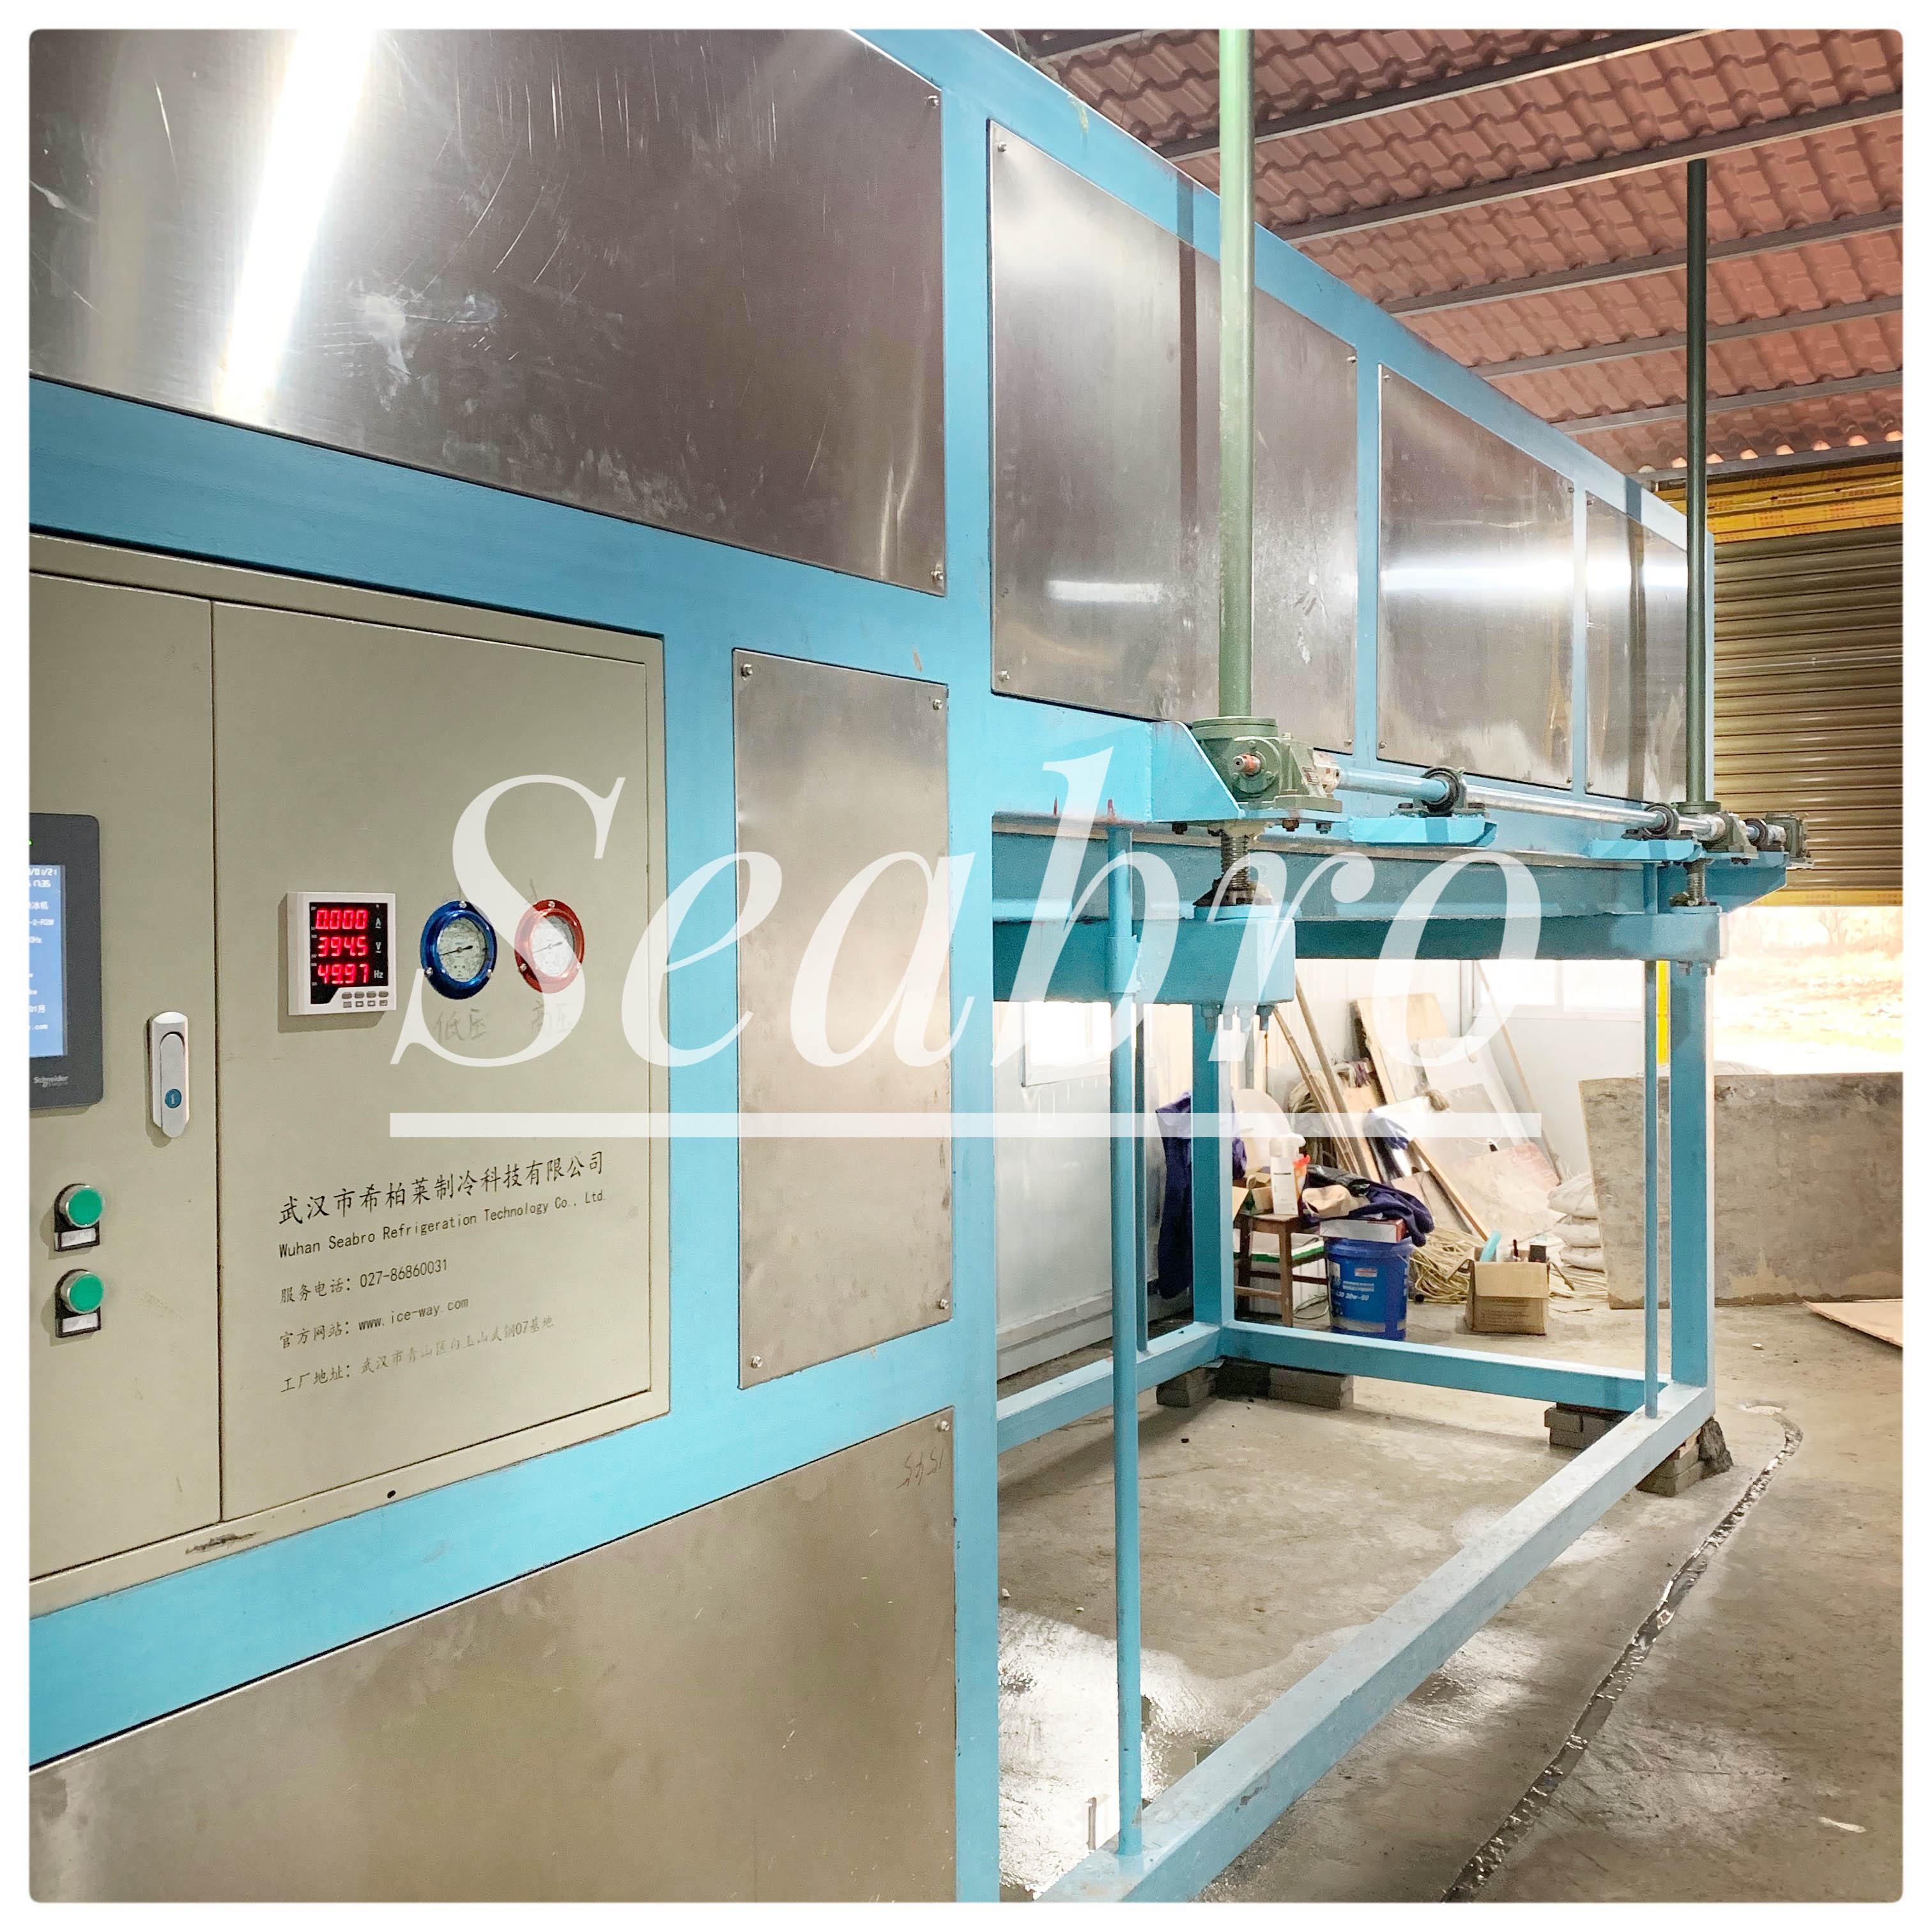 5吨直冷式块冰机